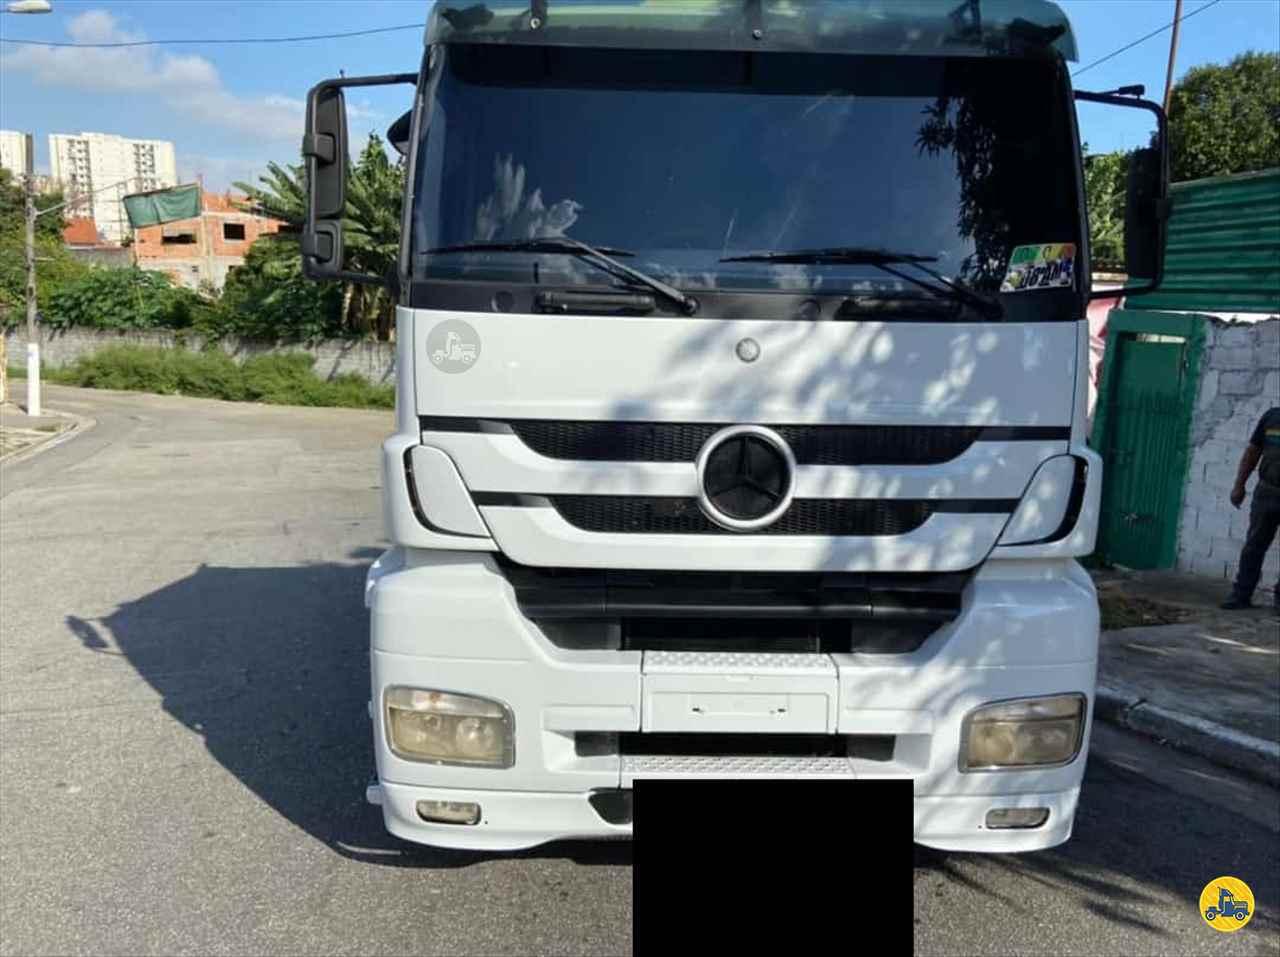 CAMINHAO MERCEDES-BENZ MB 2035 Cavalo Mecânico Toco 4x2 Wilson Caminhões RIBEIRAO PIRES SÃO PAULO SP